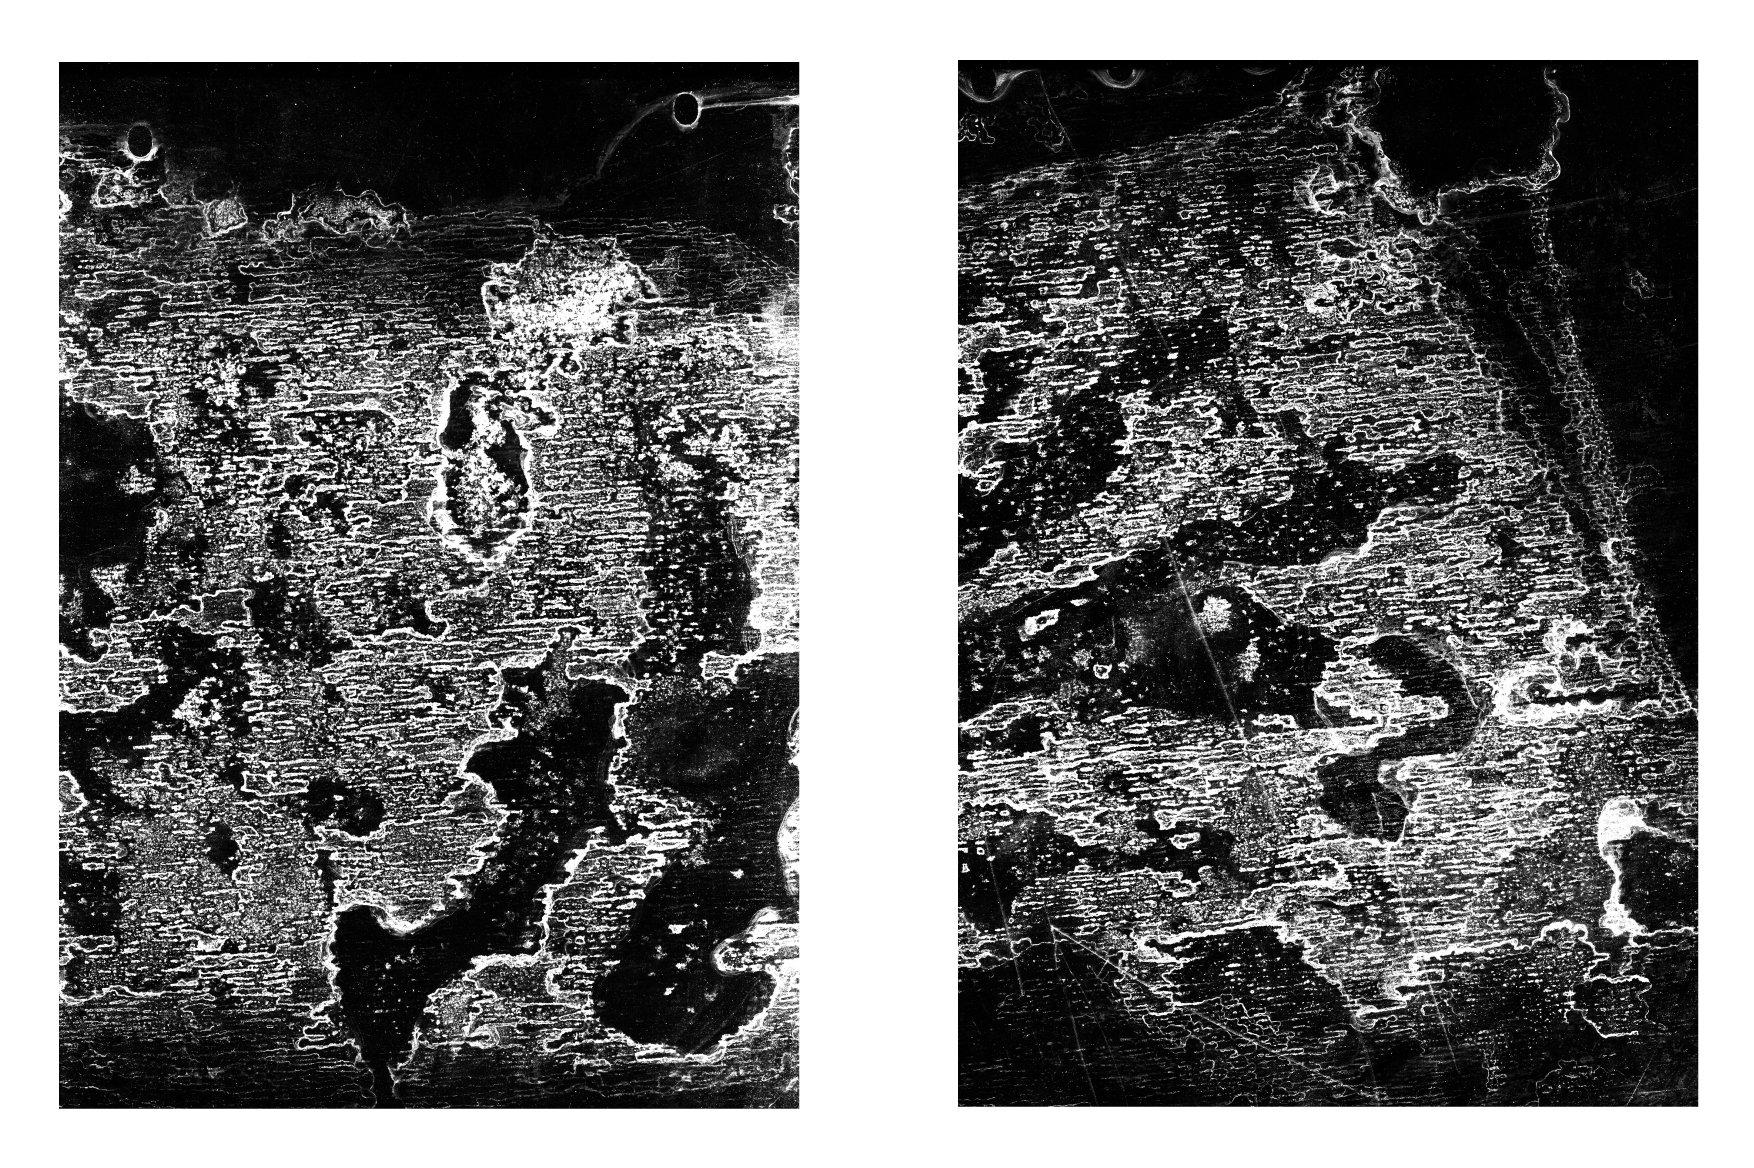 156款复古做旧折痕磨损褶皱纸张背景纹理素材合集 The Grunge Texture Bundle Vol. 1插图(34)